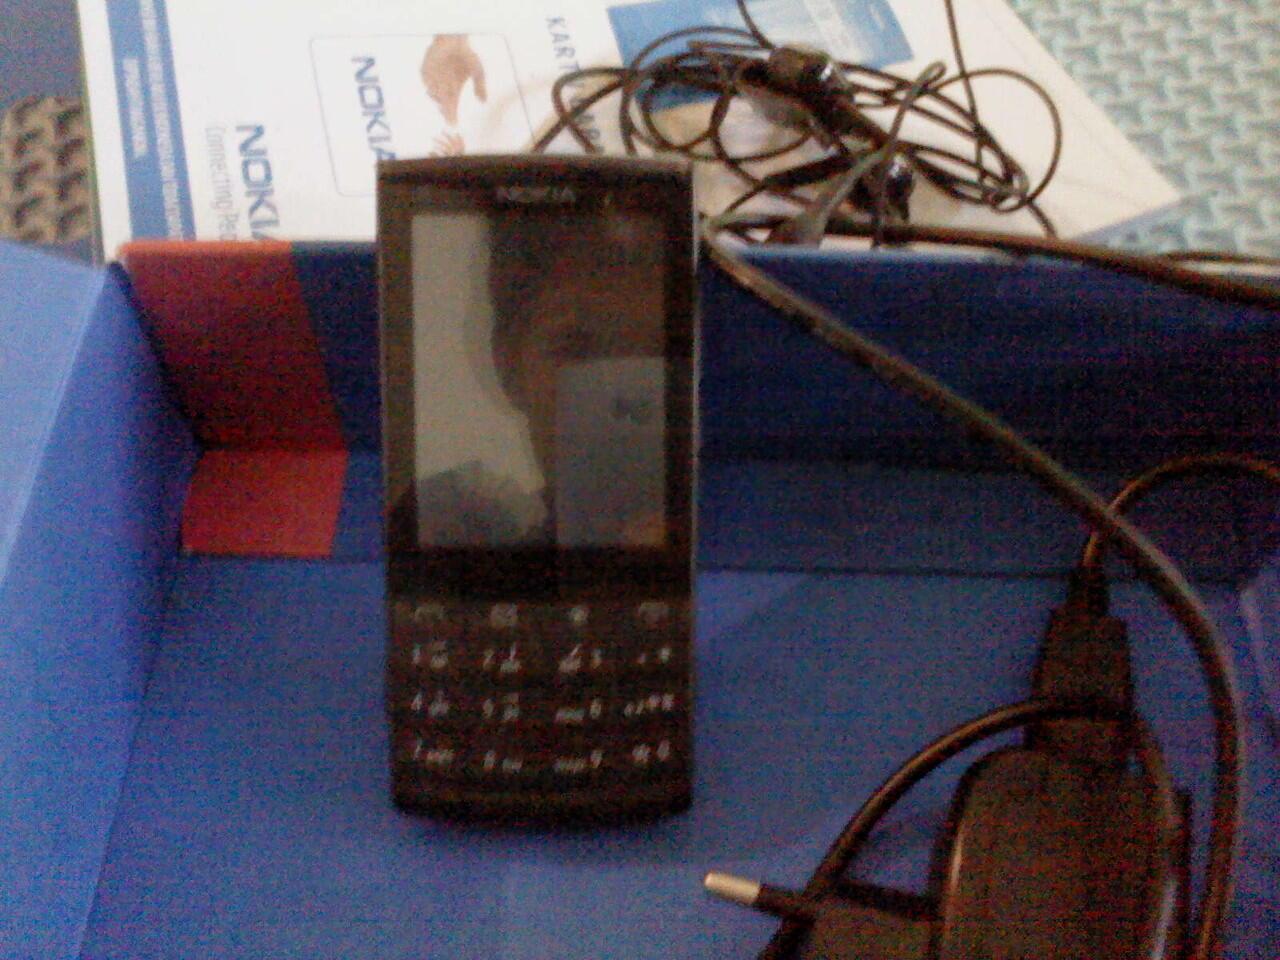 jual nokia e71,nokia x3 02, sony ericsson g900,dan tv shap 29 inch bisa tt depok.